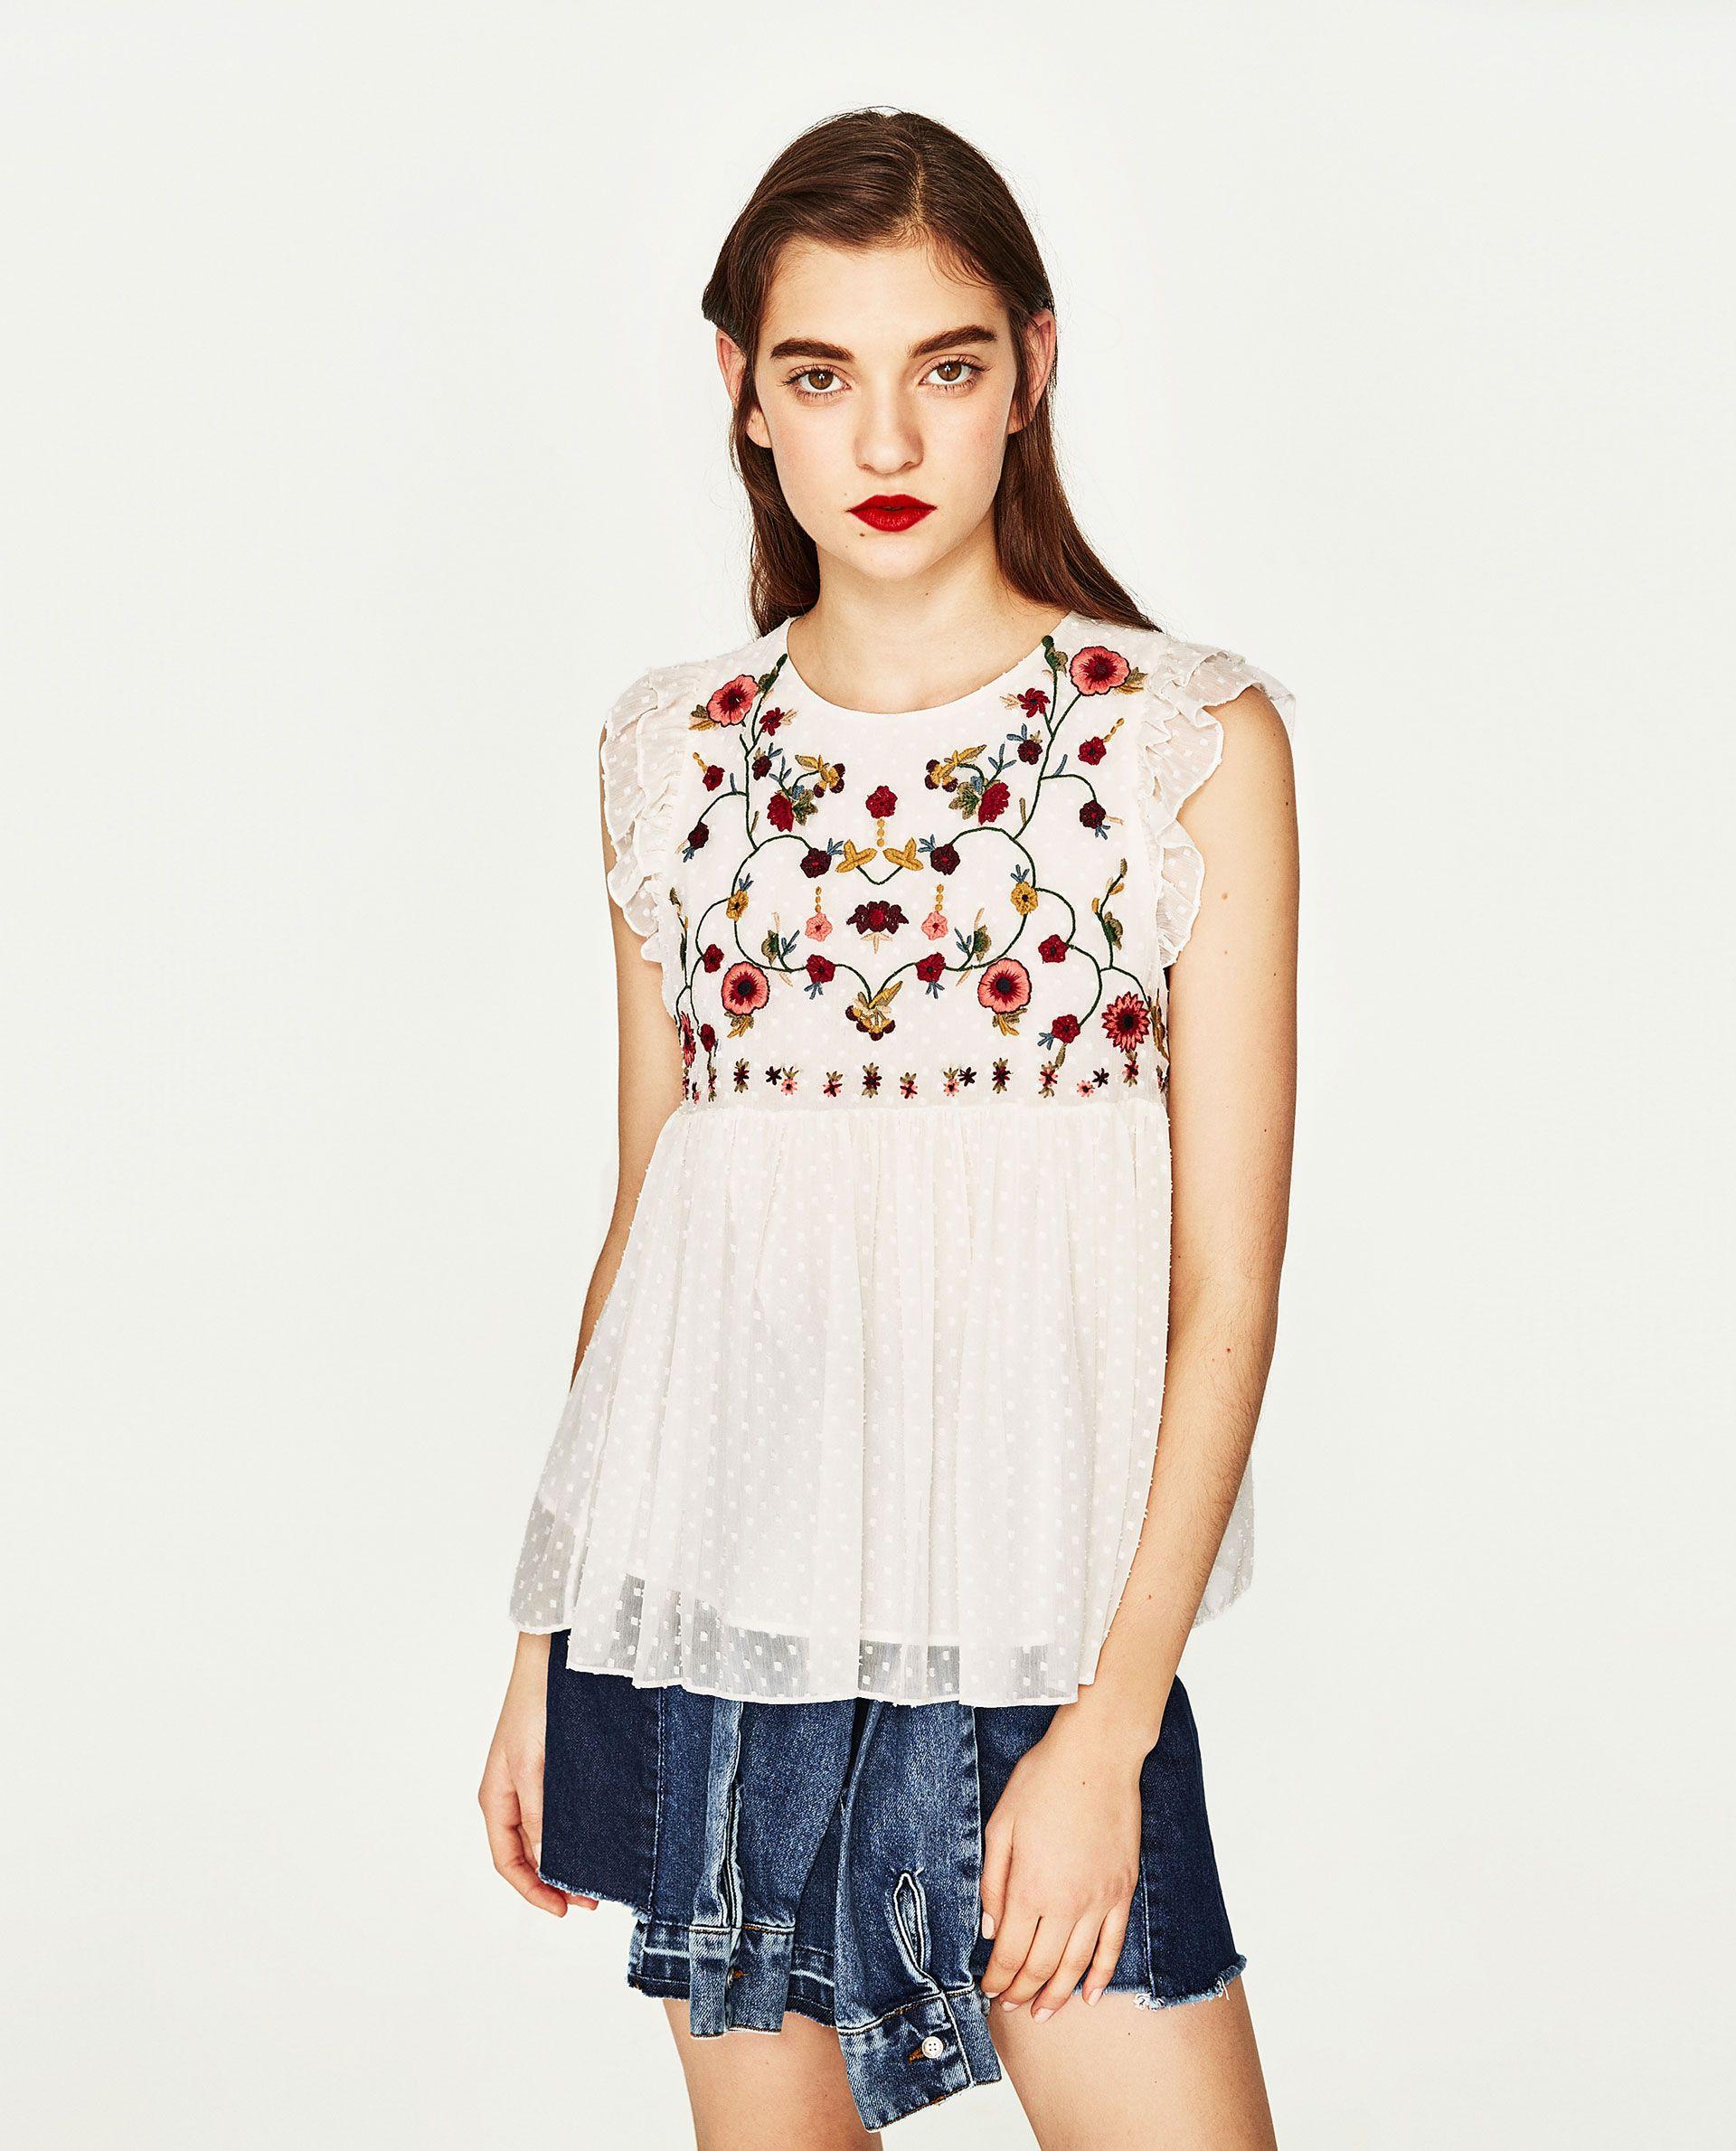 7c65ffca5933 CUERPO BORDADO   Style: Tops   Camisas mujer, Camisas mujer zara y ...